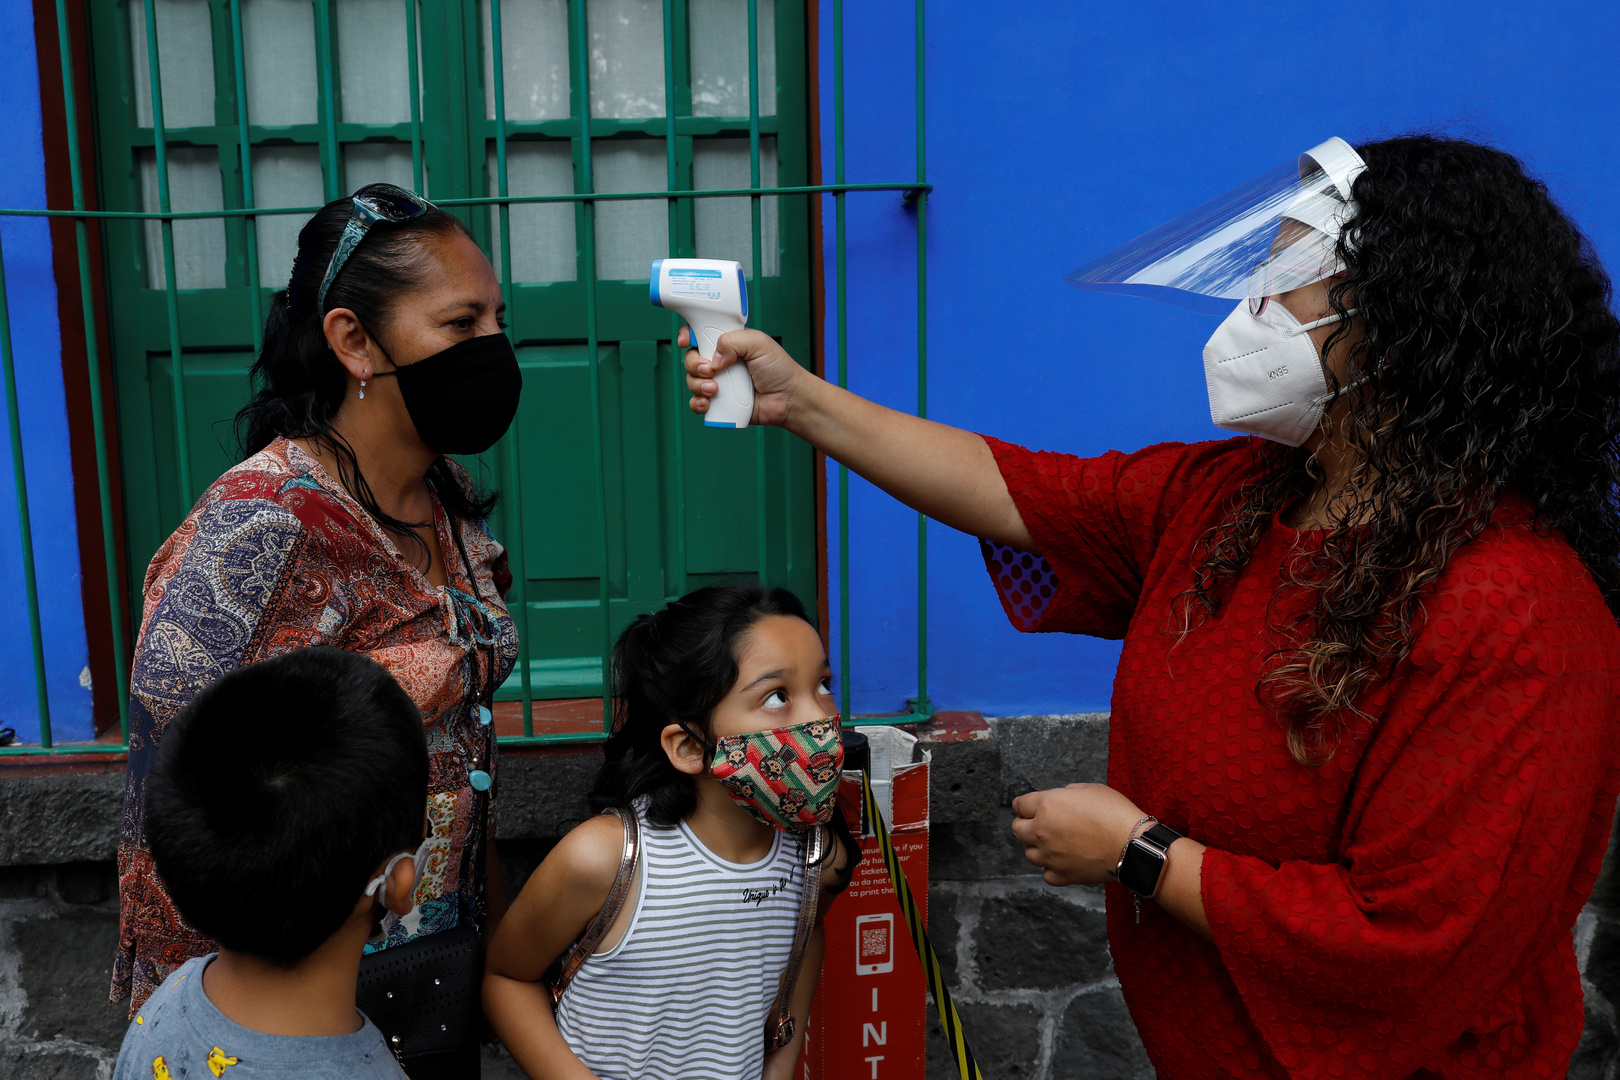 المكسيك تسجل نحو 5 آلاف إصابة و575 وفاة جديدة بكورونا